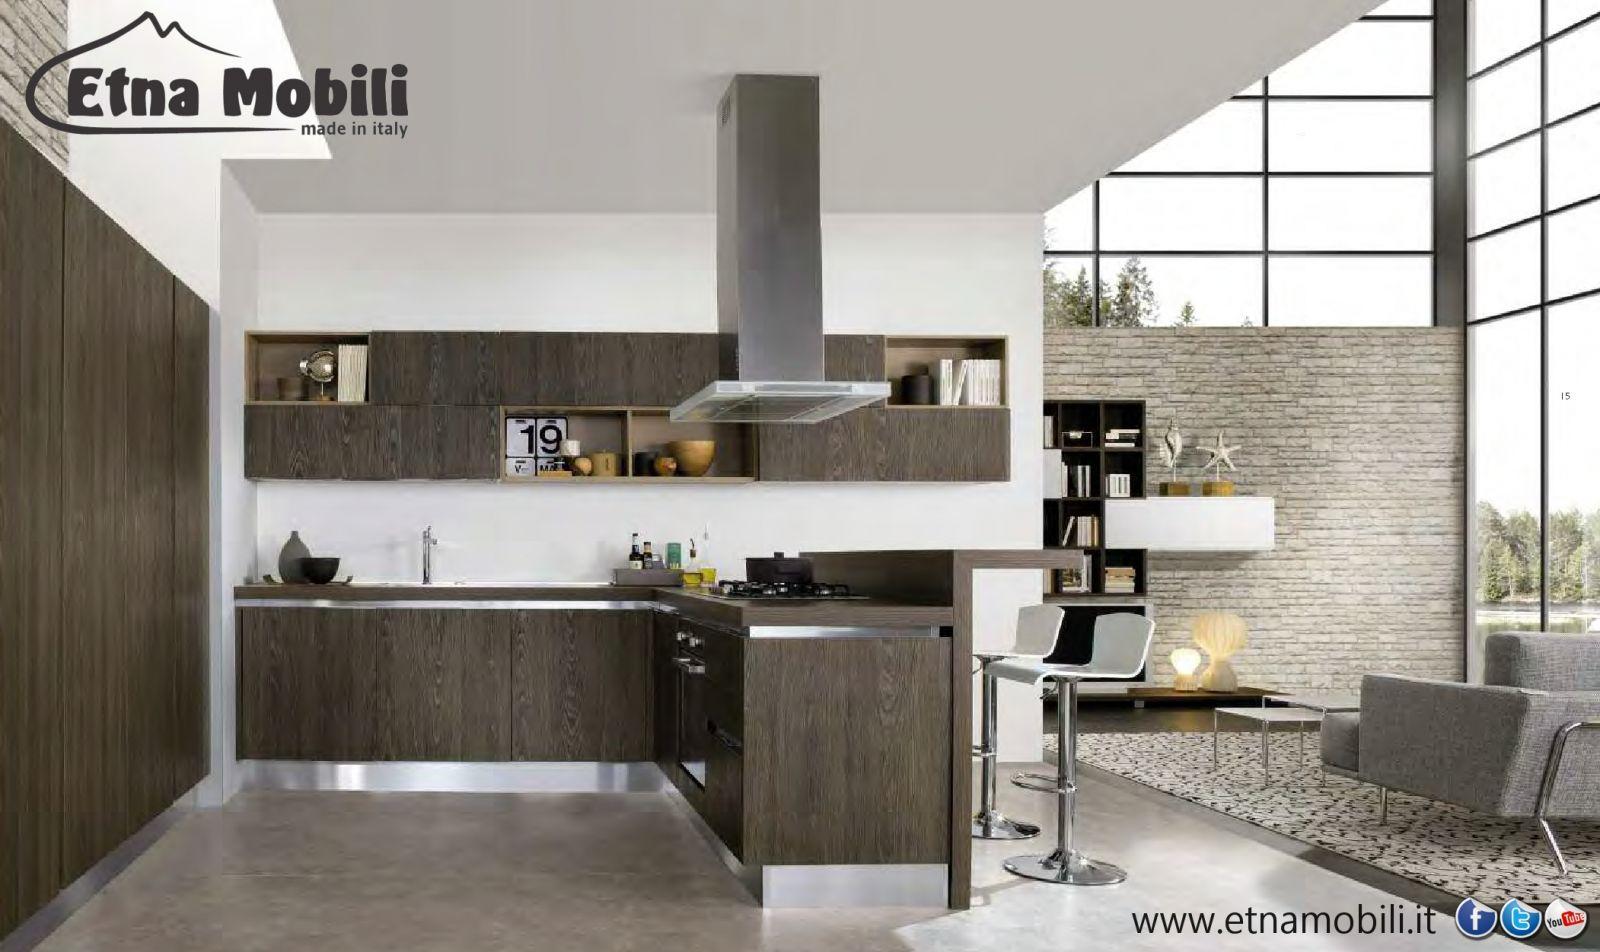 Cucine interni cucine - Ricci casa cucine ...